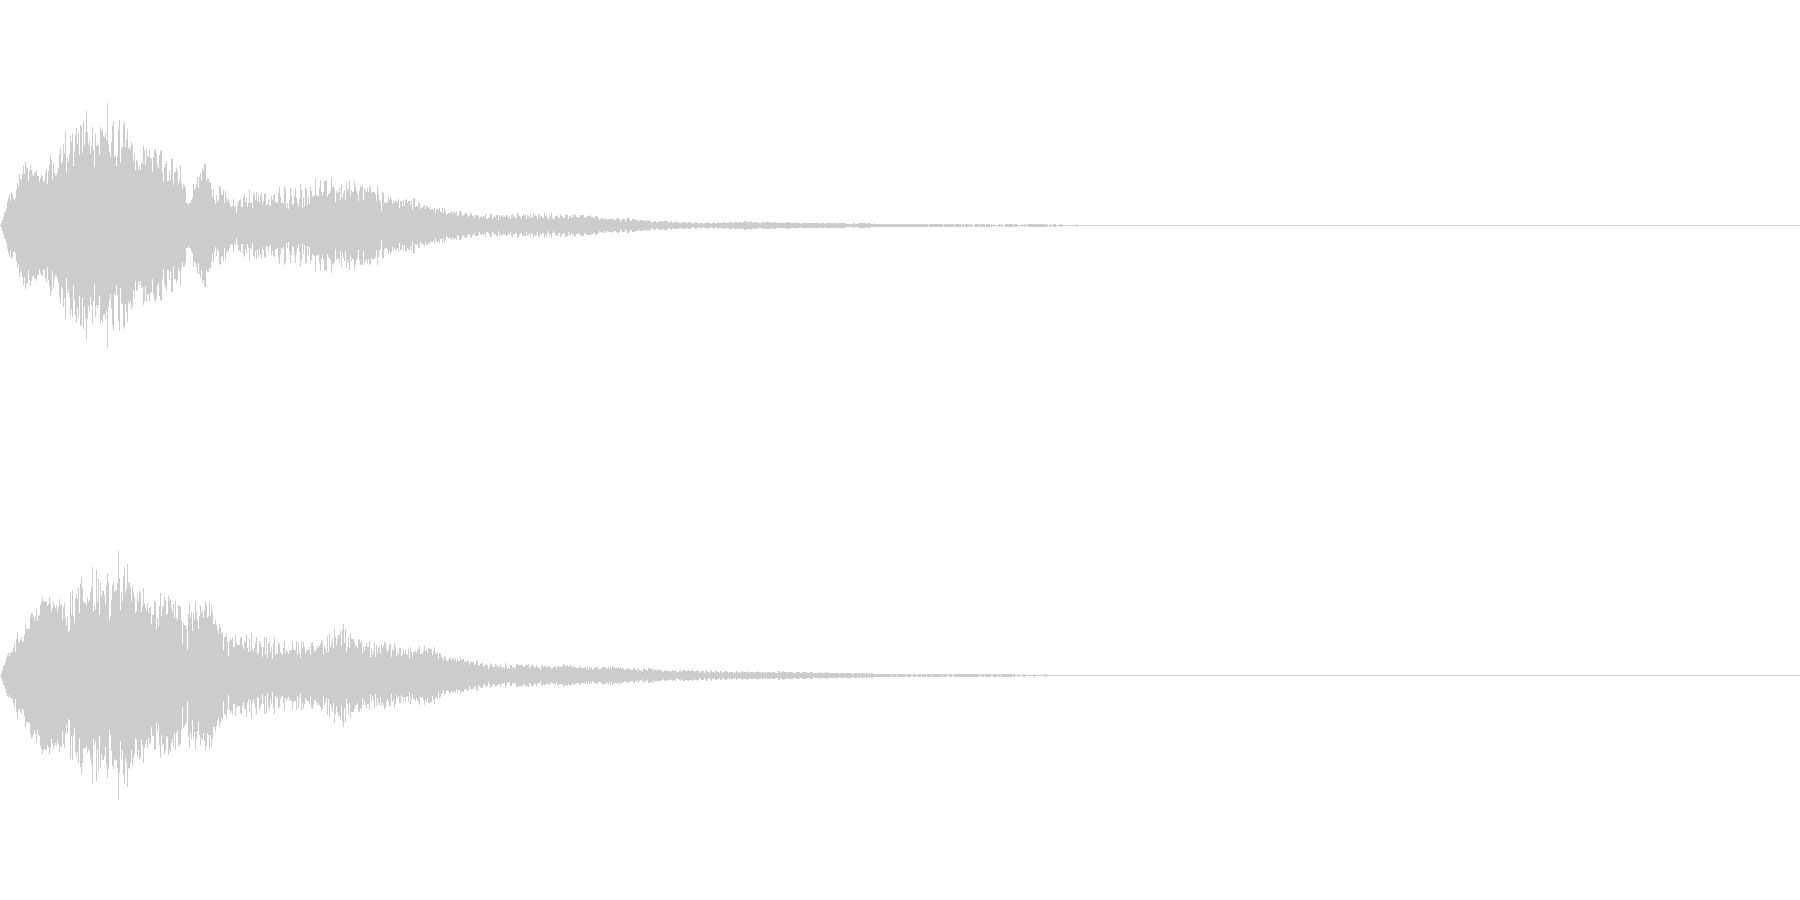 シュイン(ゲーム・アプリ等の決定音)の未再生の波形